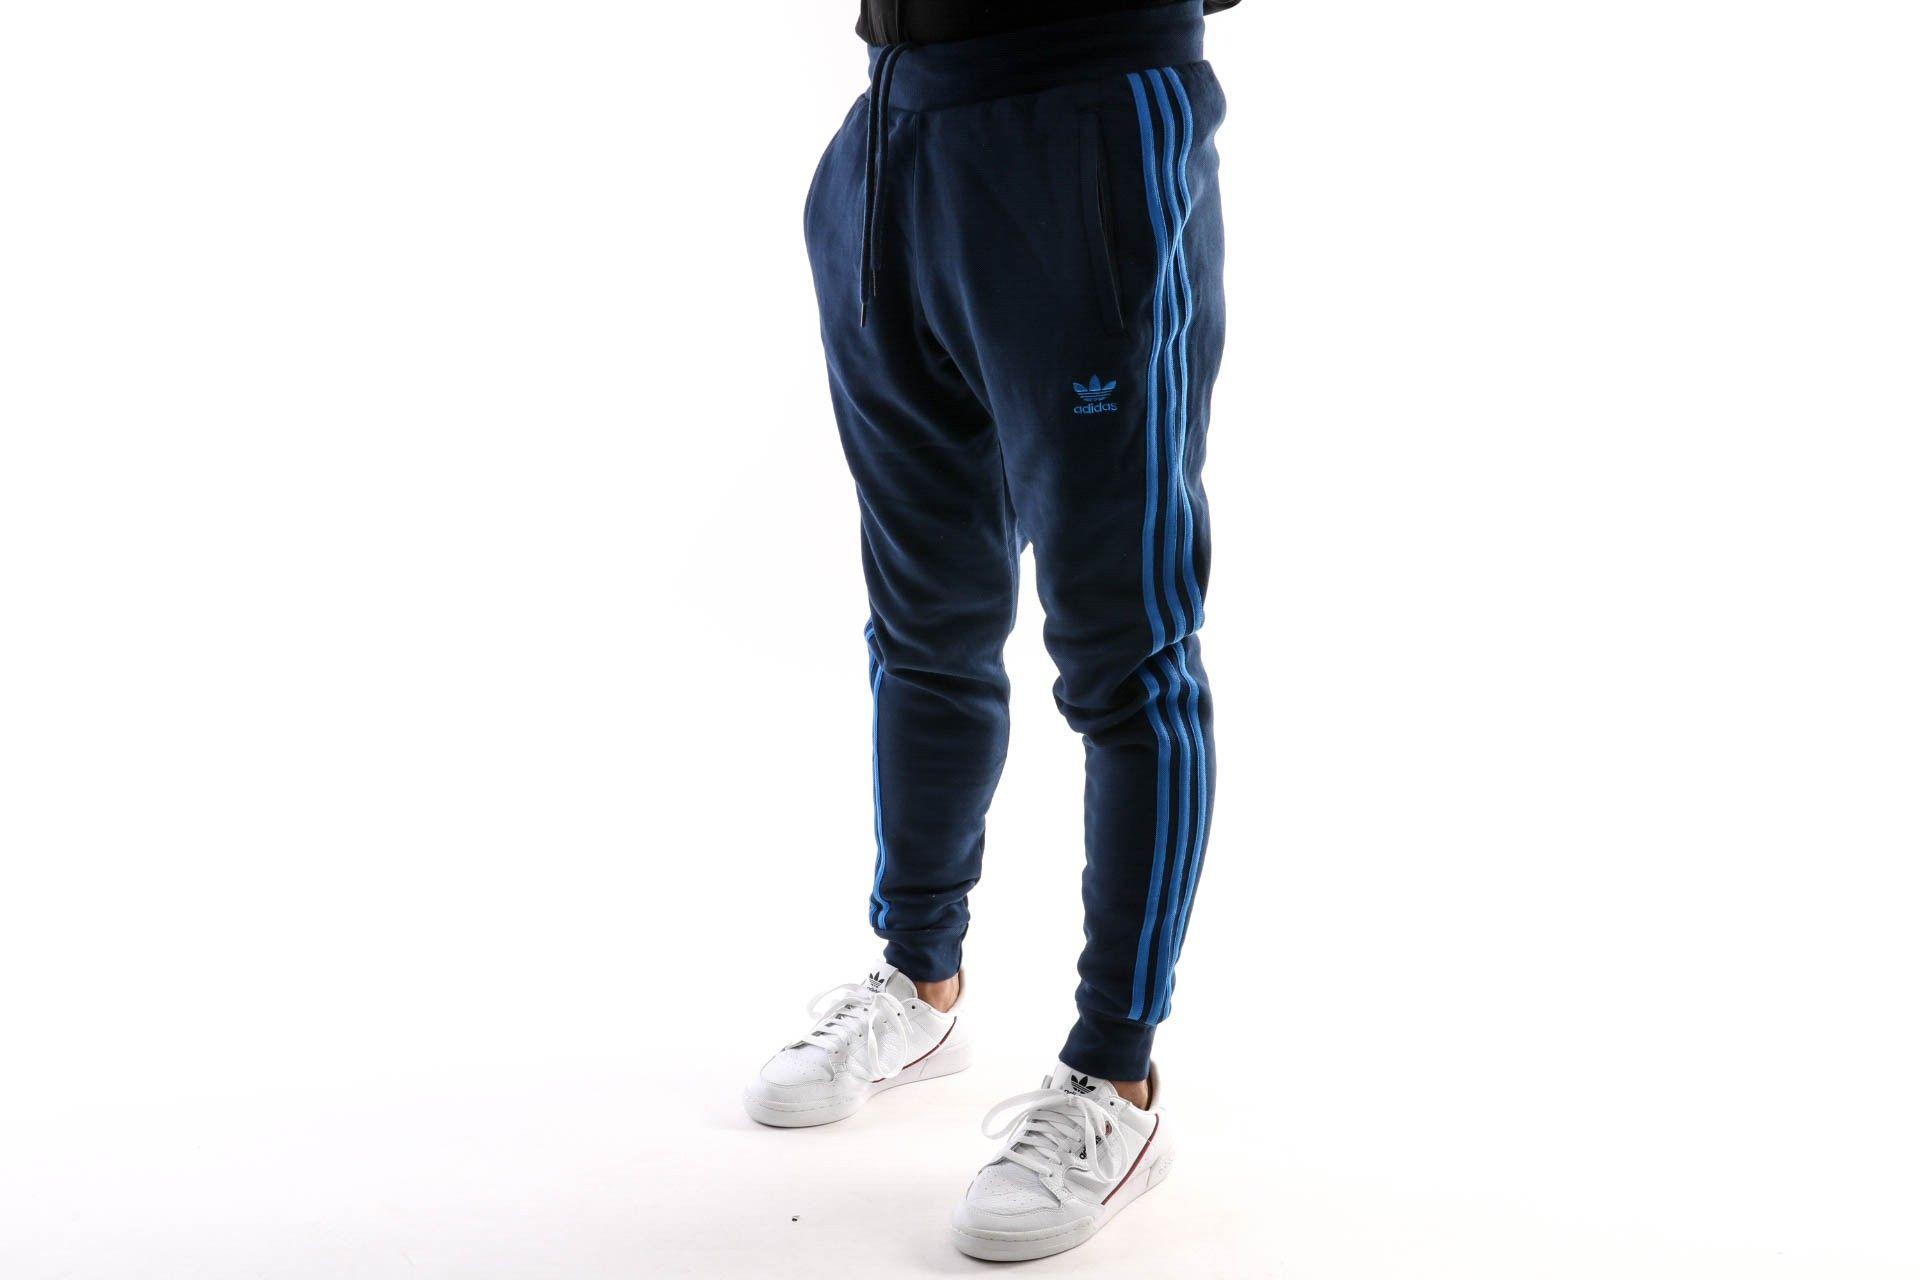 Afbeelding van Adidas 3-Stripes Pant Ek0263 Trackpant Collegiate Navy/Bluebird